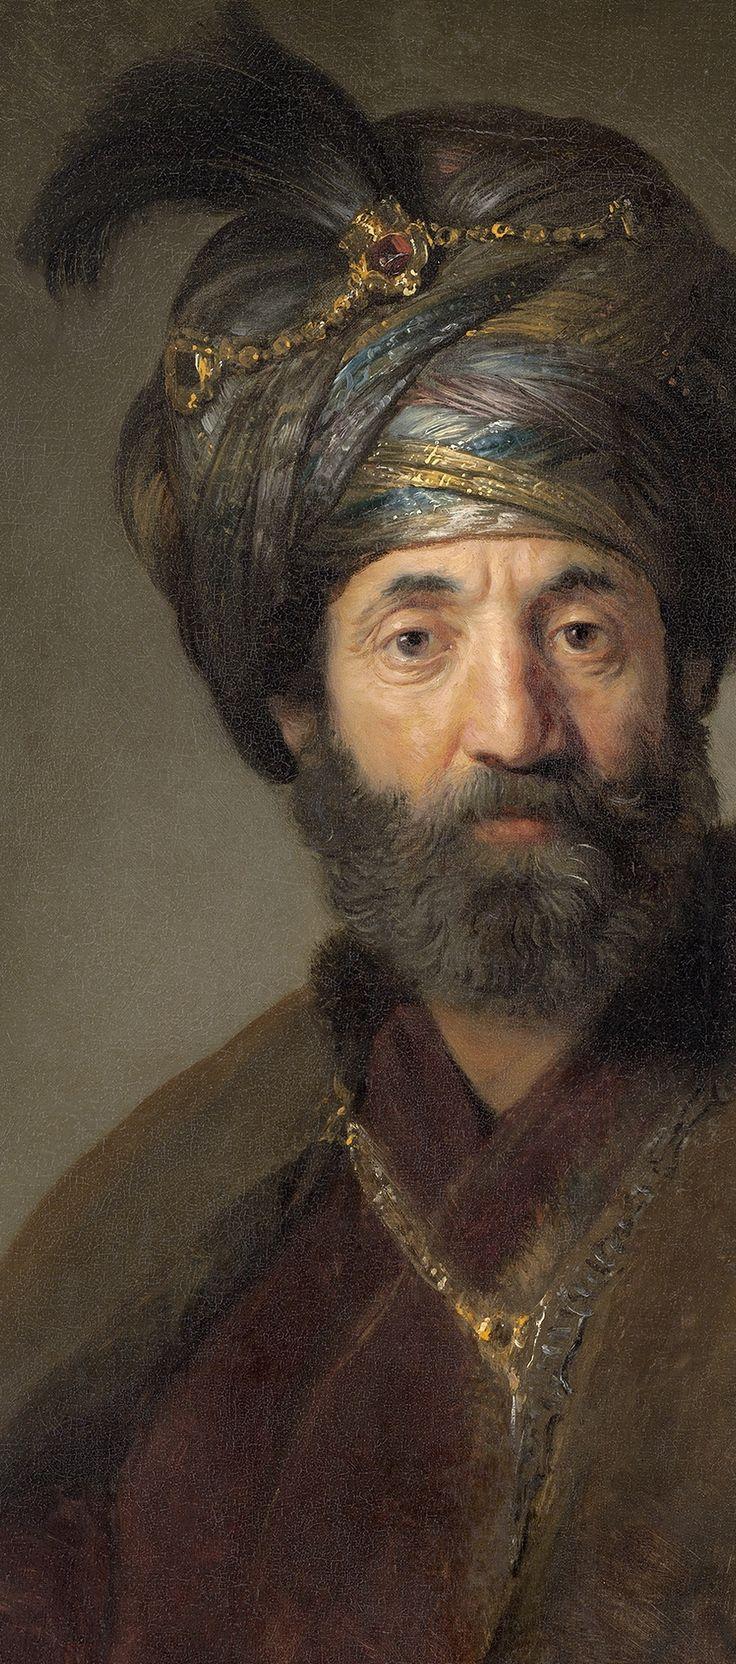 Rembrandt van Rijn and Workshop (probably Govaert Flinck) - Man in Oriental Costume